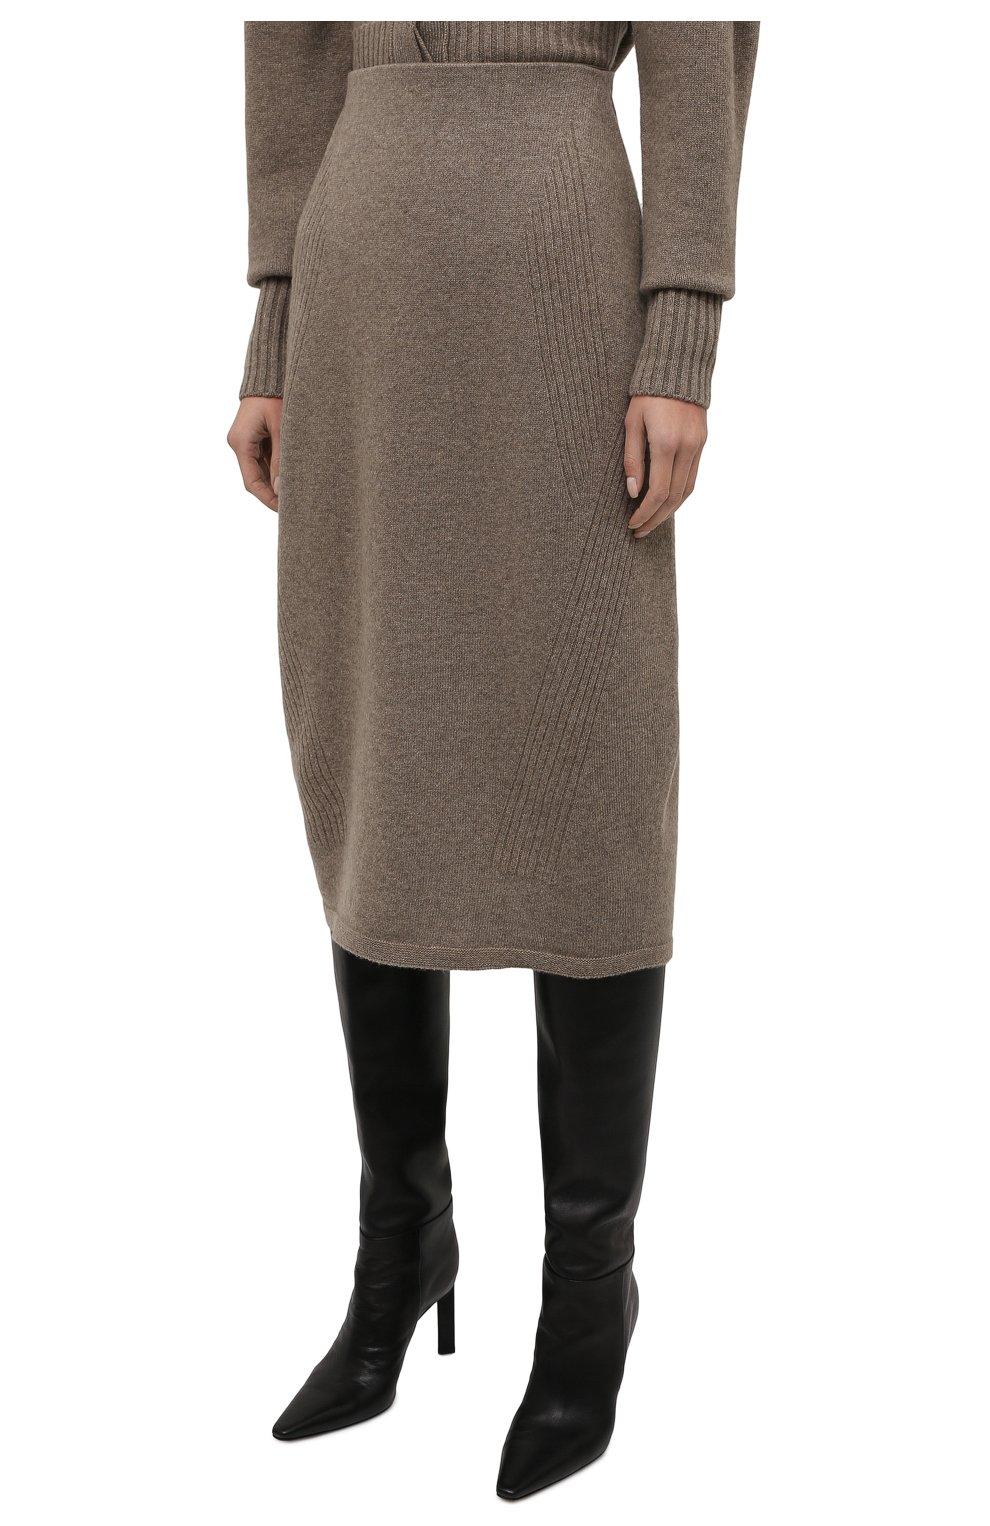 Женская юбка из шерсти и кашемира LOW CLASSIC бежевого цвета, арт. L0W21FW_KN05LK   Фото 3 (Материал внешний: Шерсть; Кросс-КТ: Трикотаж; Женское Кросс-КТ: Юбка-одежда; Длина Ж (юбки, платья, шорты): Миди; Стили: Кэжуэл)